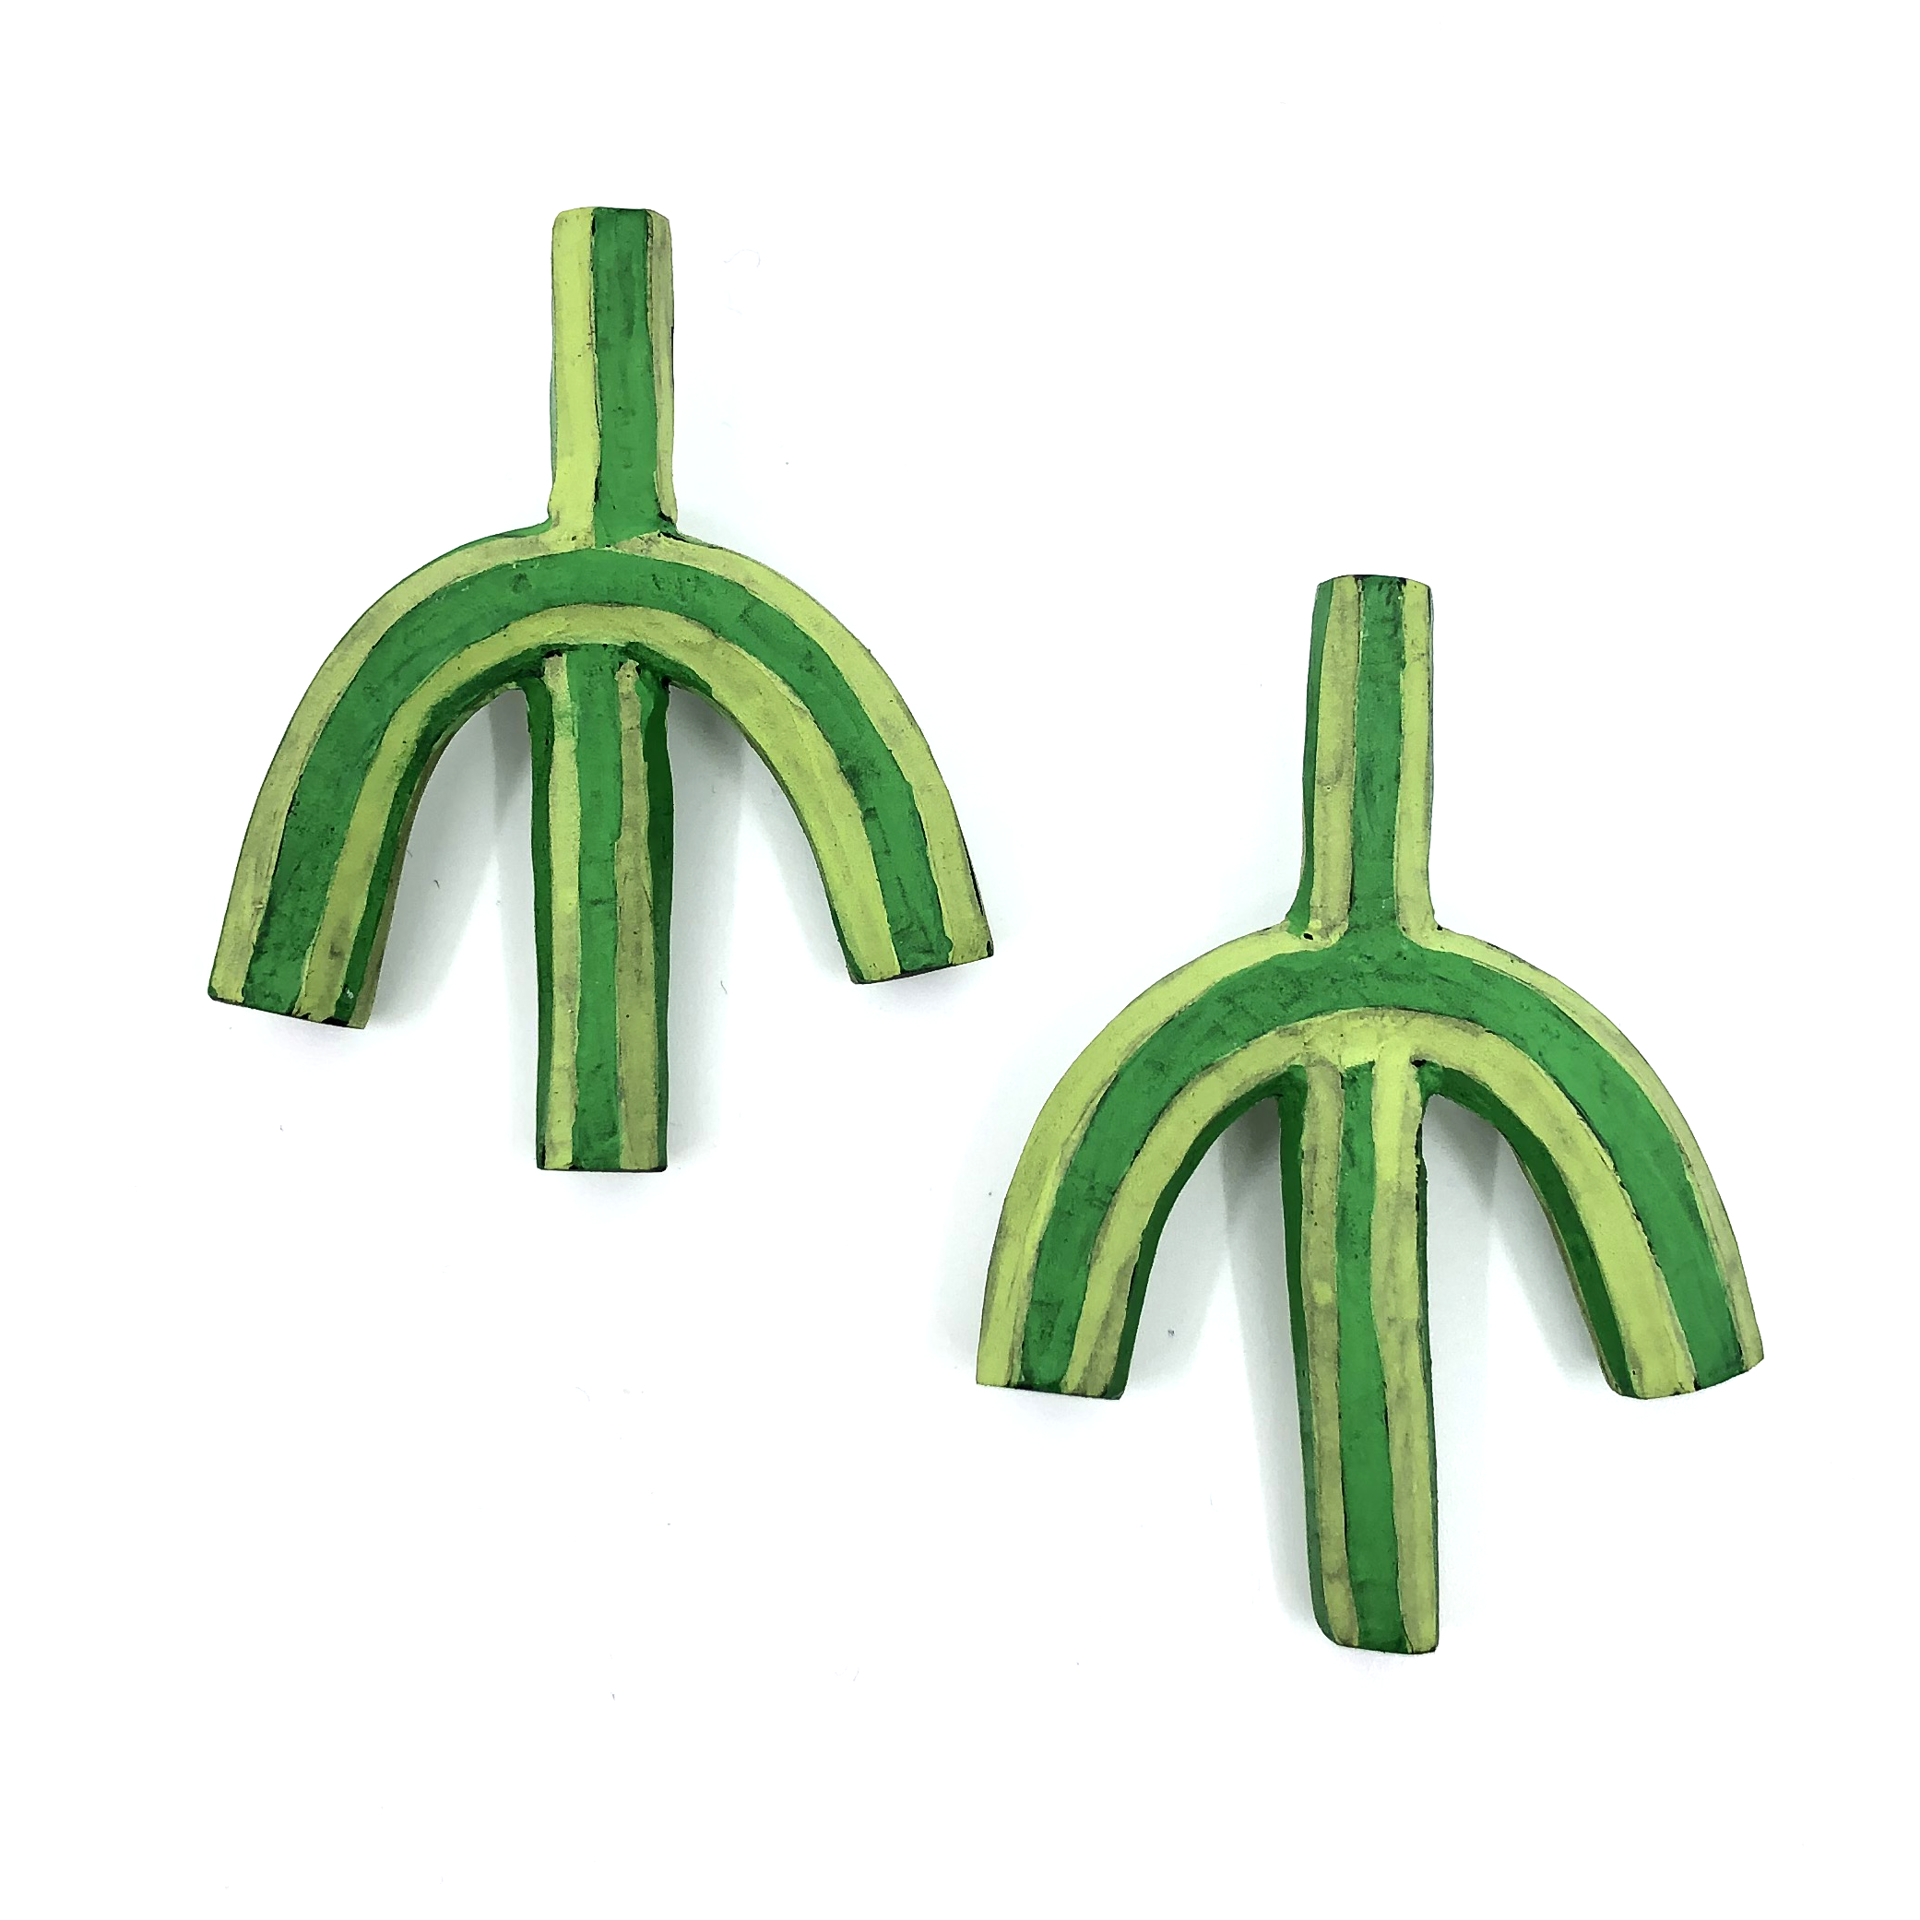 Upside Down Cacti Earrings by Lindsay Locatelli